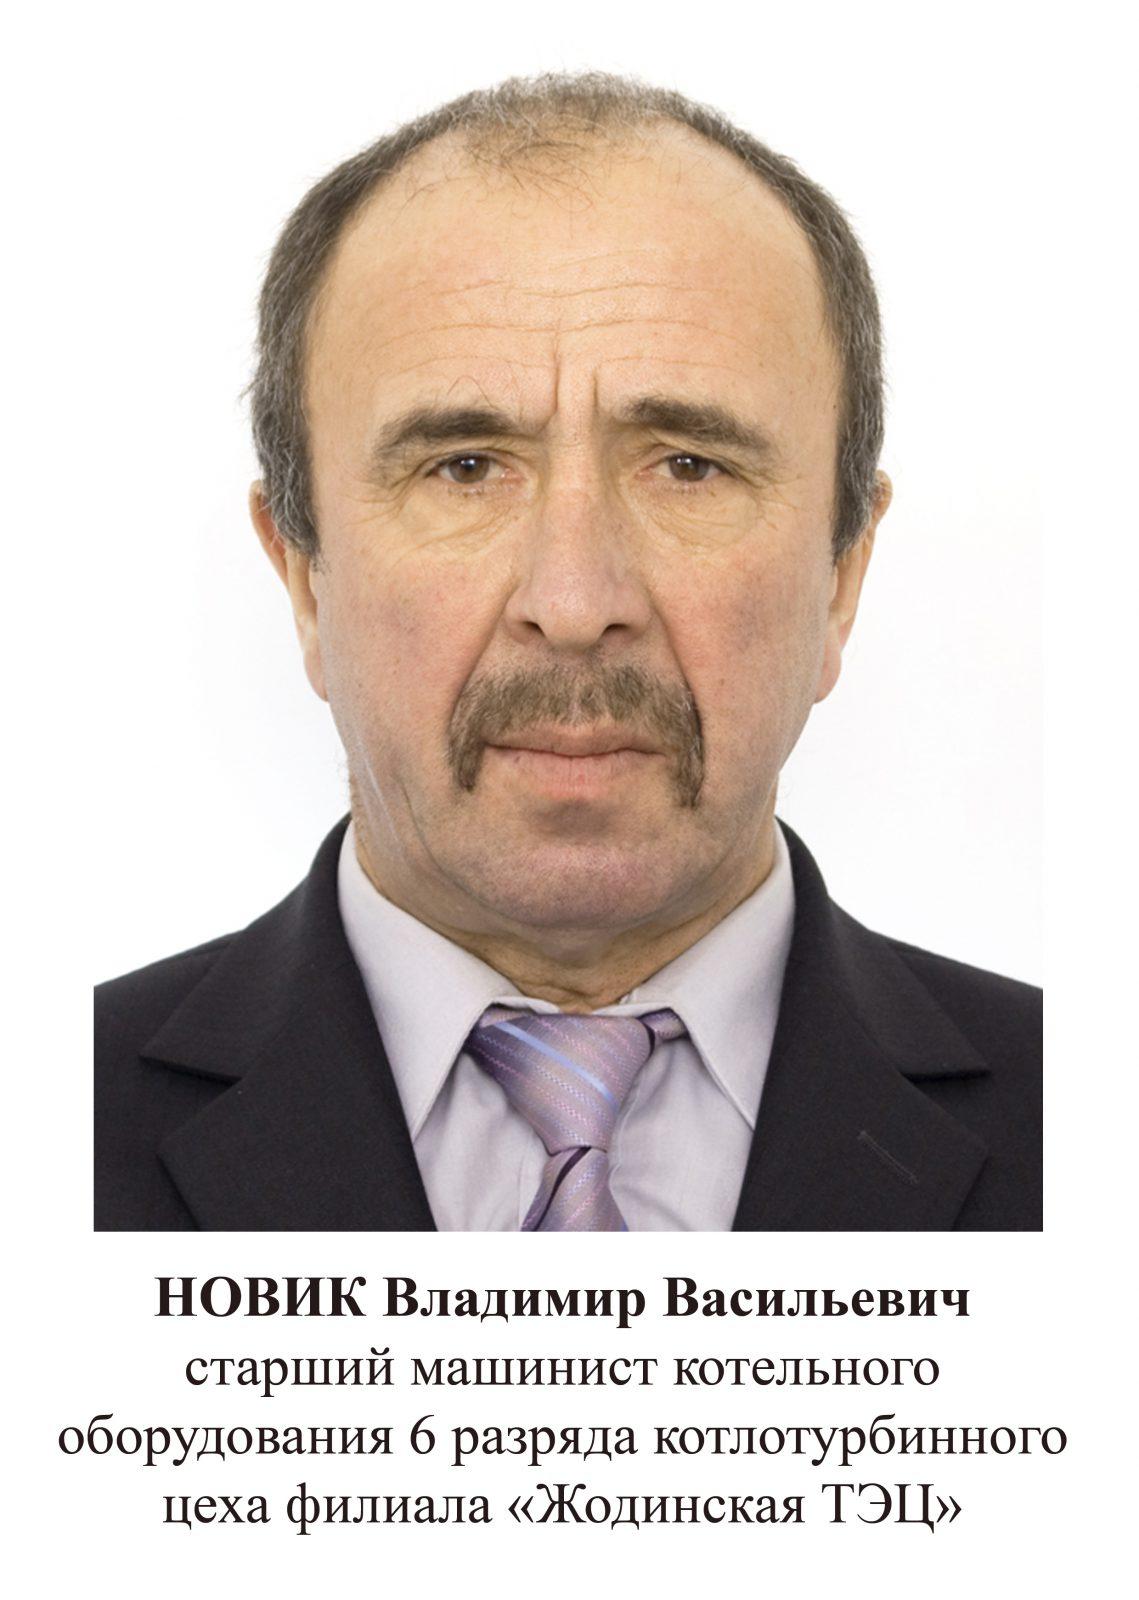 Новик Владимир Васильевич